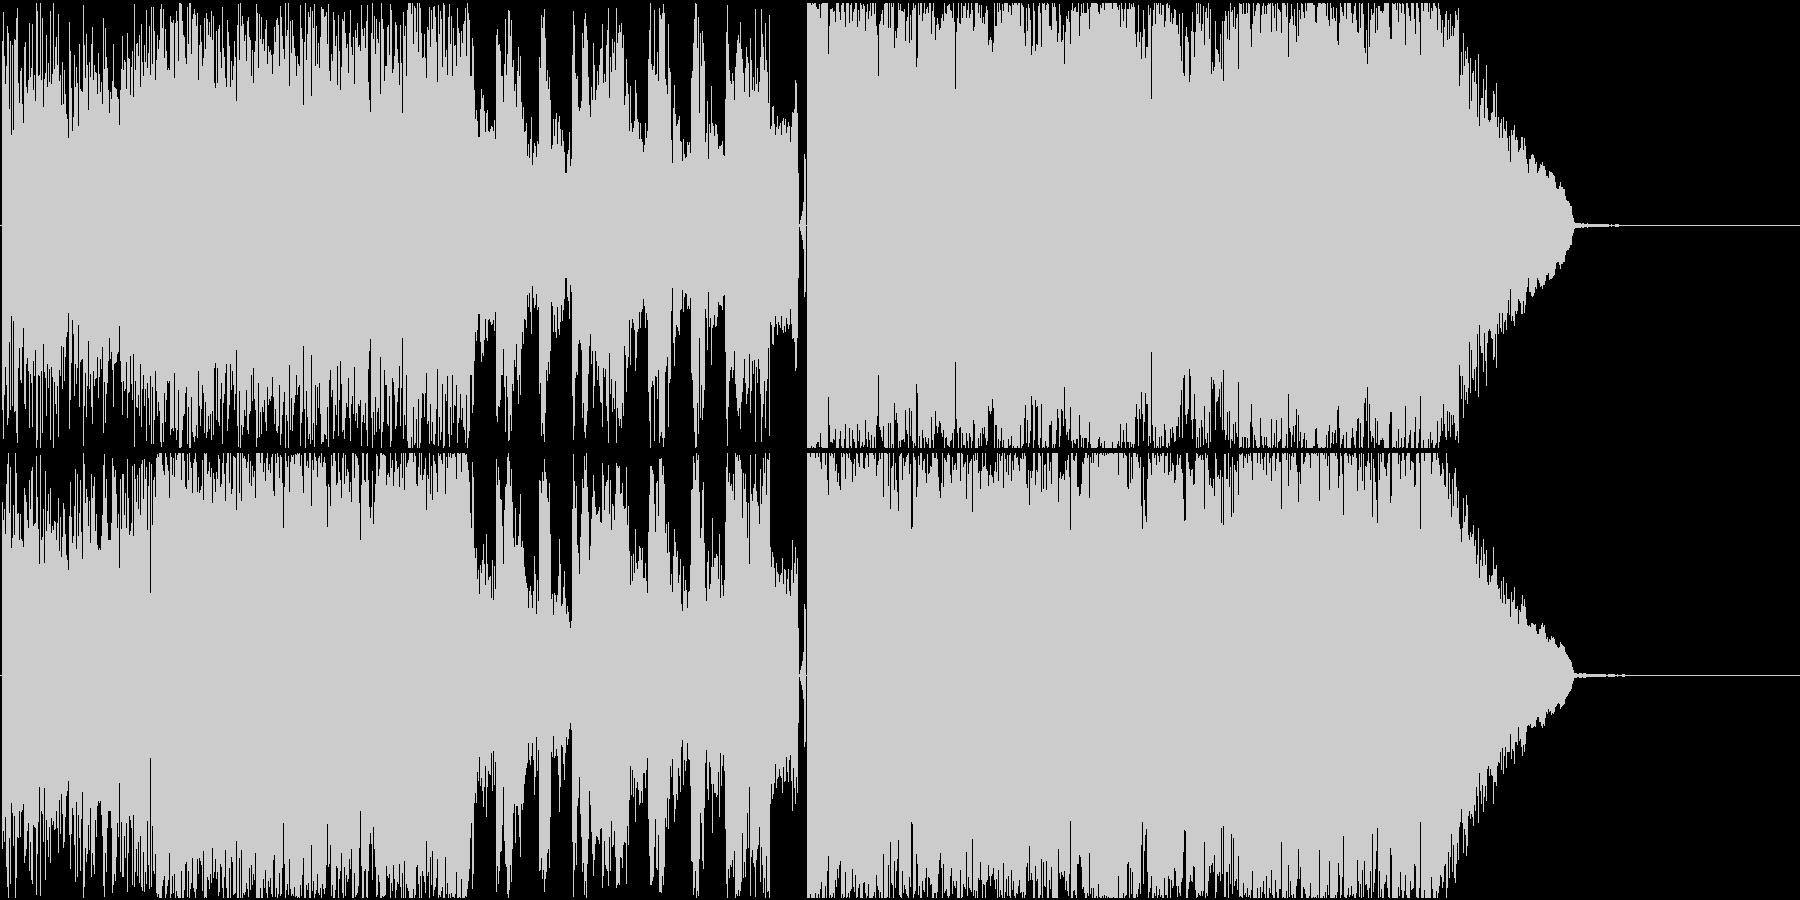 歪んだベースとブレイクビーツの未再生の波形